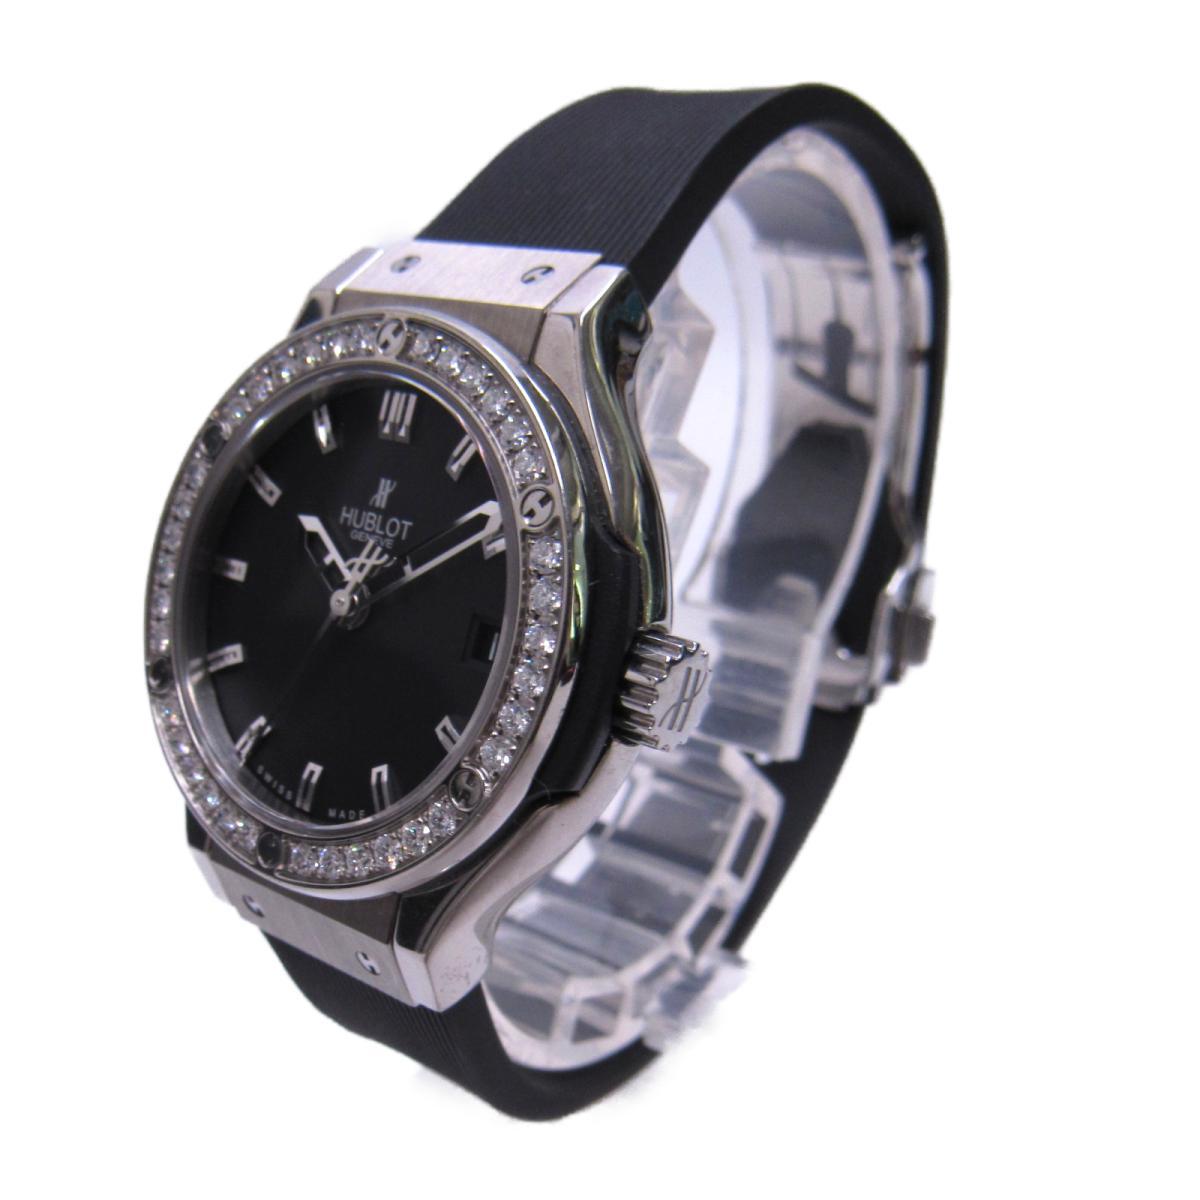 quality design 257cc 3074c ウブロ クラシックフュージョン ウォッチ 時計12 時計 ...